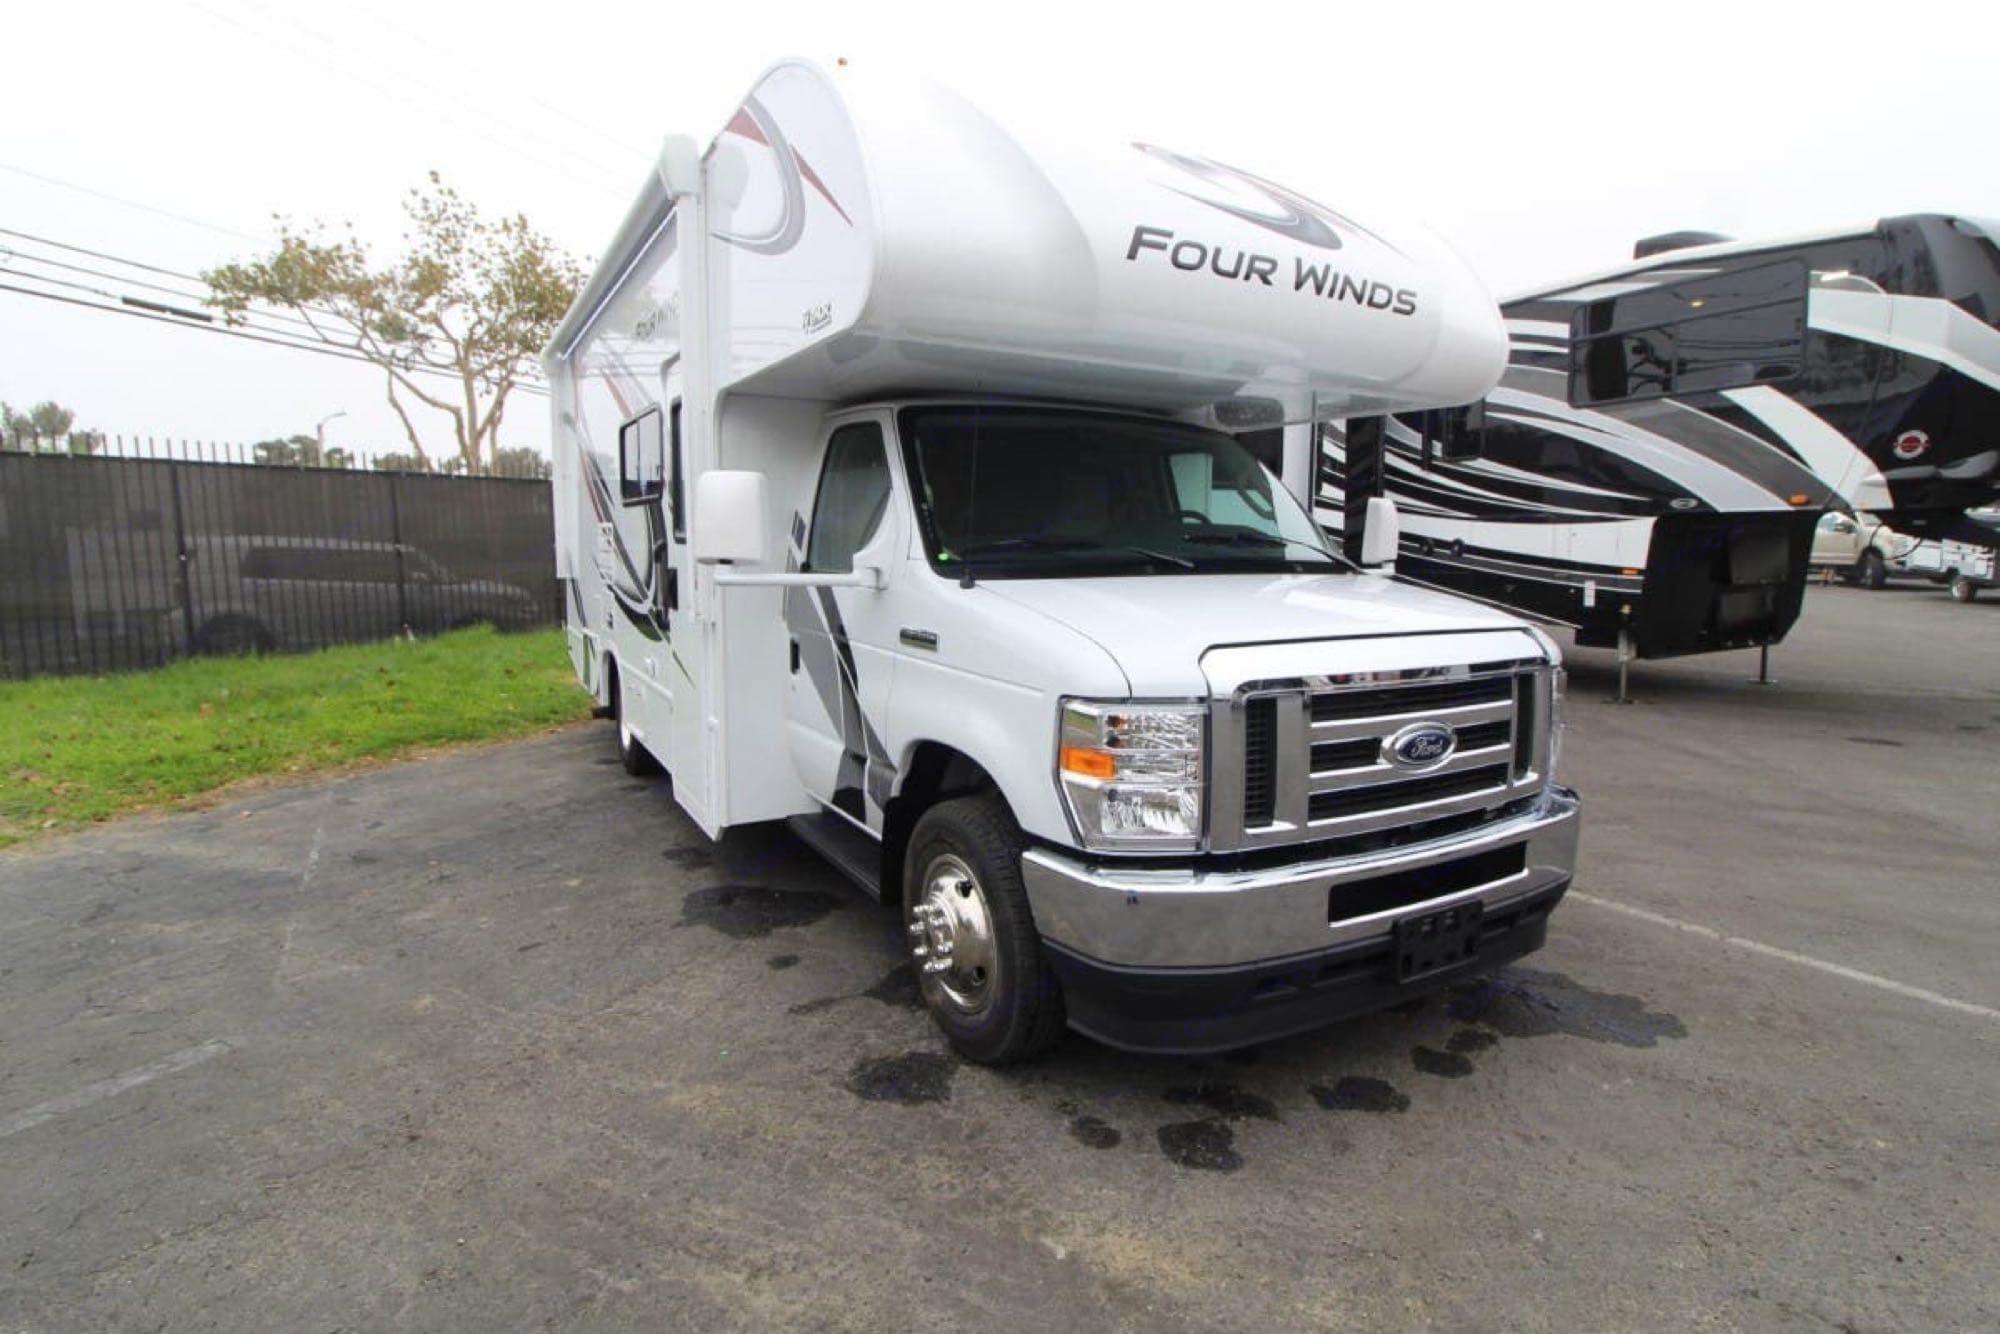 Ford Fourwinds 2021